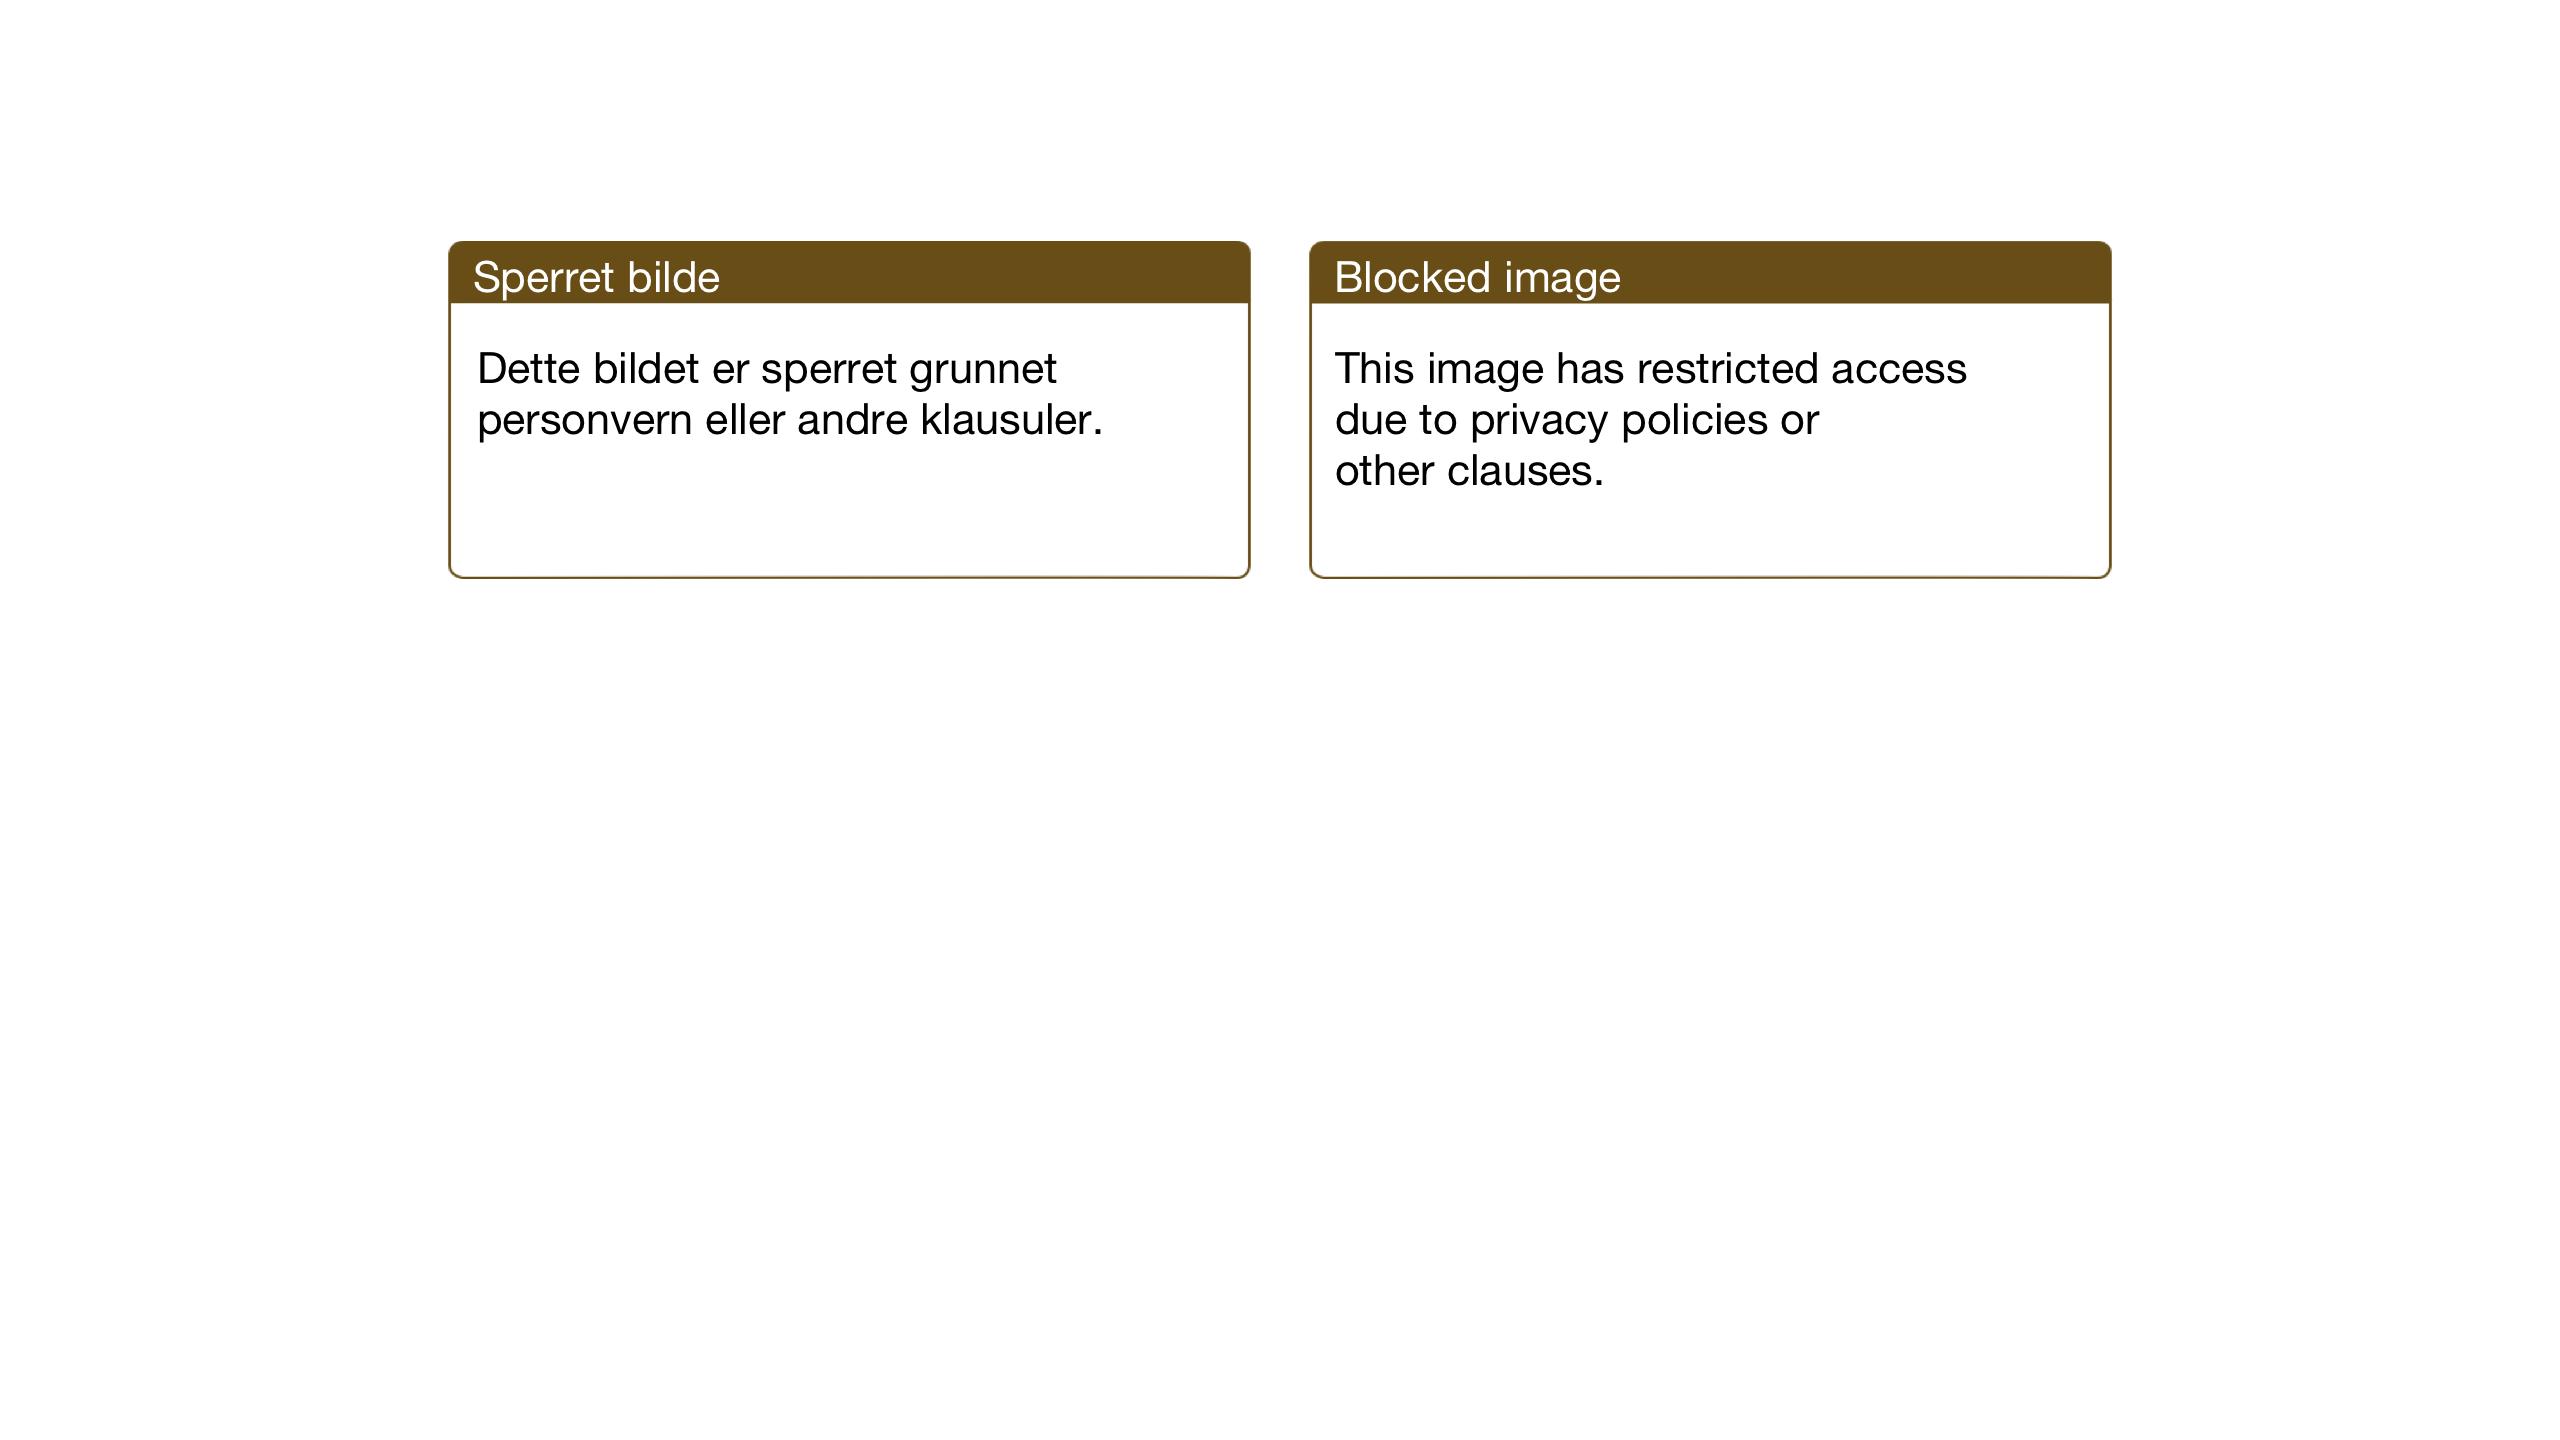 SAT, Ministerialprotokoller, klokkerbøker og fødselsregistre - Nord-Trøndelag, 722/L0227: Klokkerbok nr. 722C03, 1928-1958, s. 48